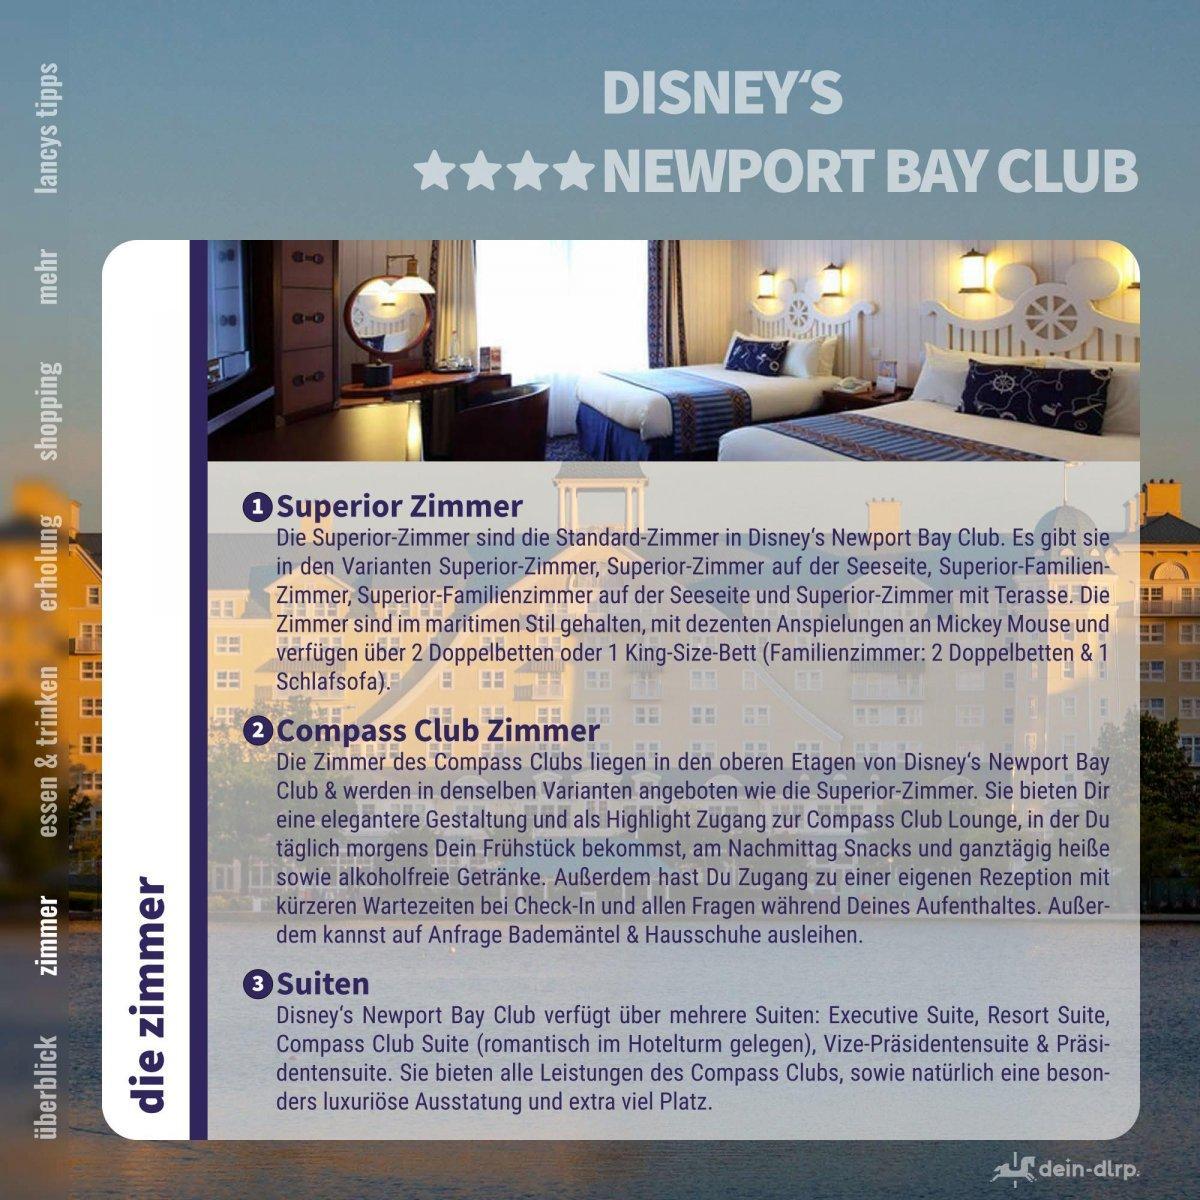 disneys-newport-bay-club-hotel-fuehrer_03.jpg